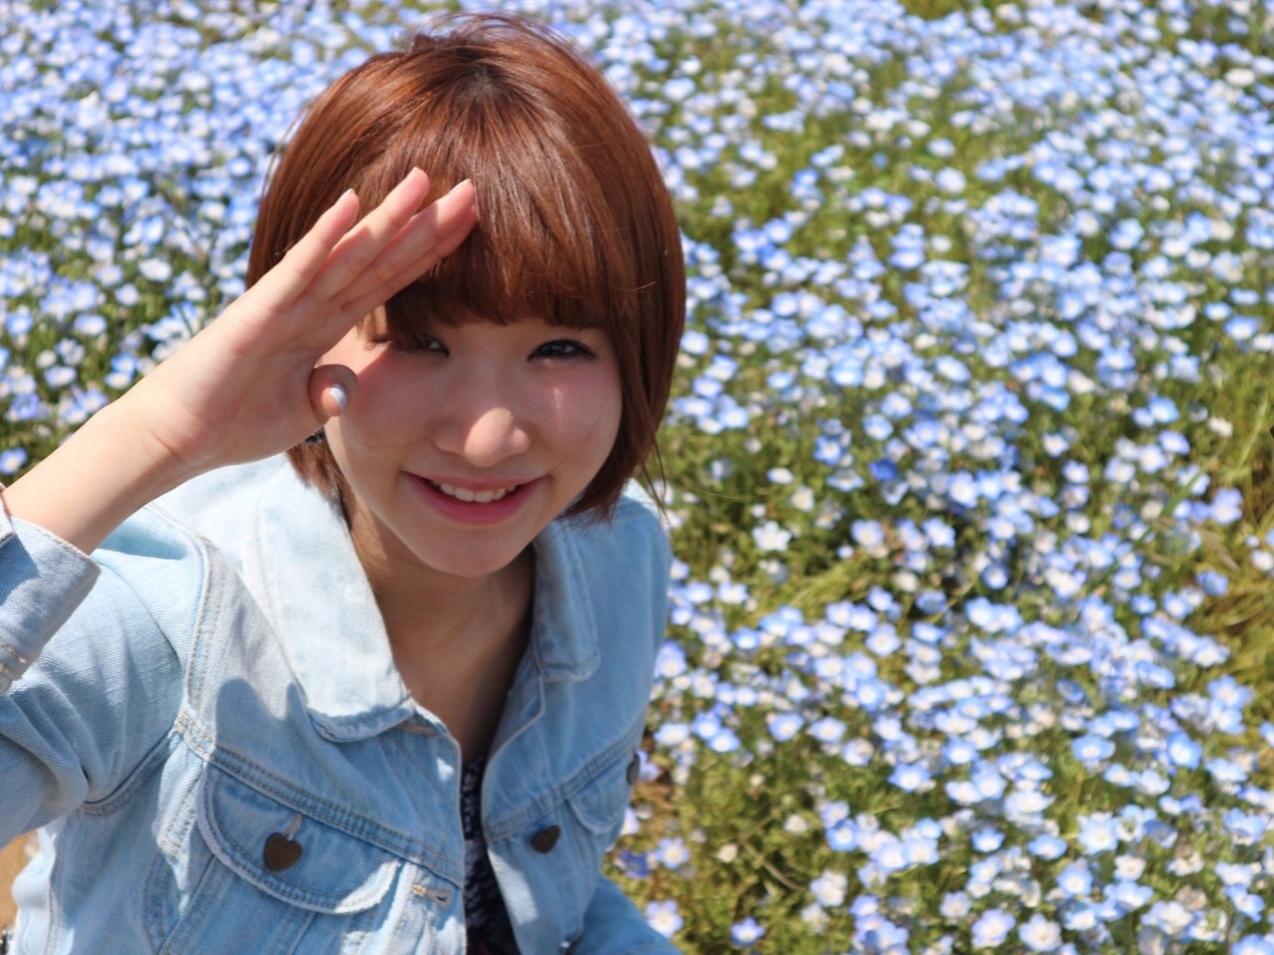 【 第13回❤︎ 】GWの人気スポット①!ネモフィラをみに茨城へ*_1_3